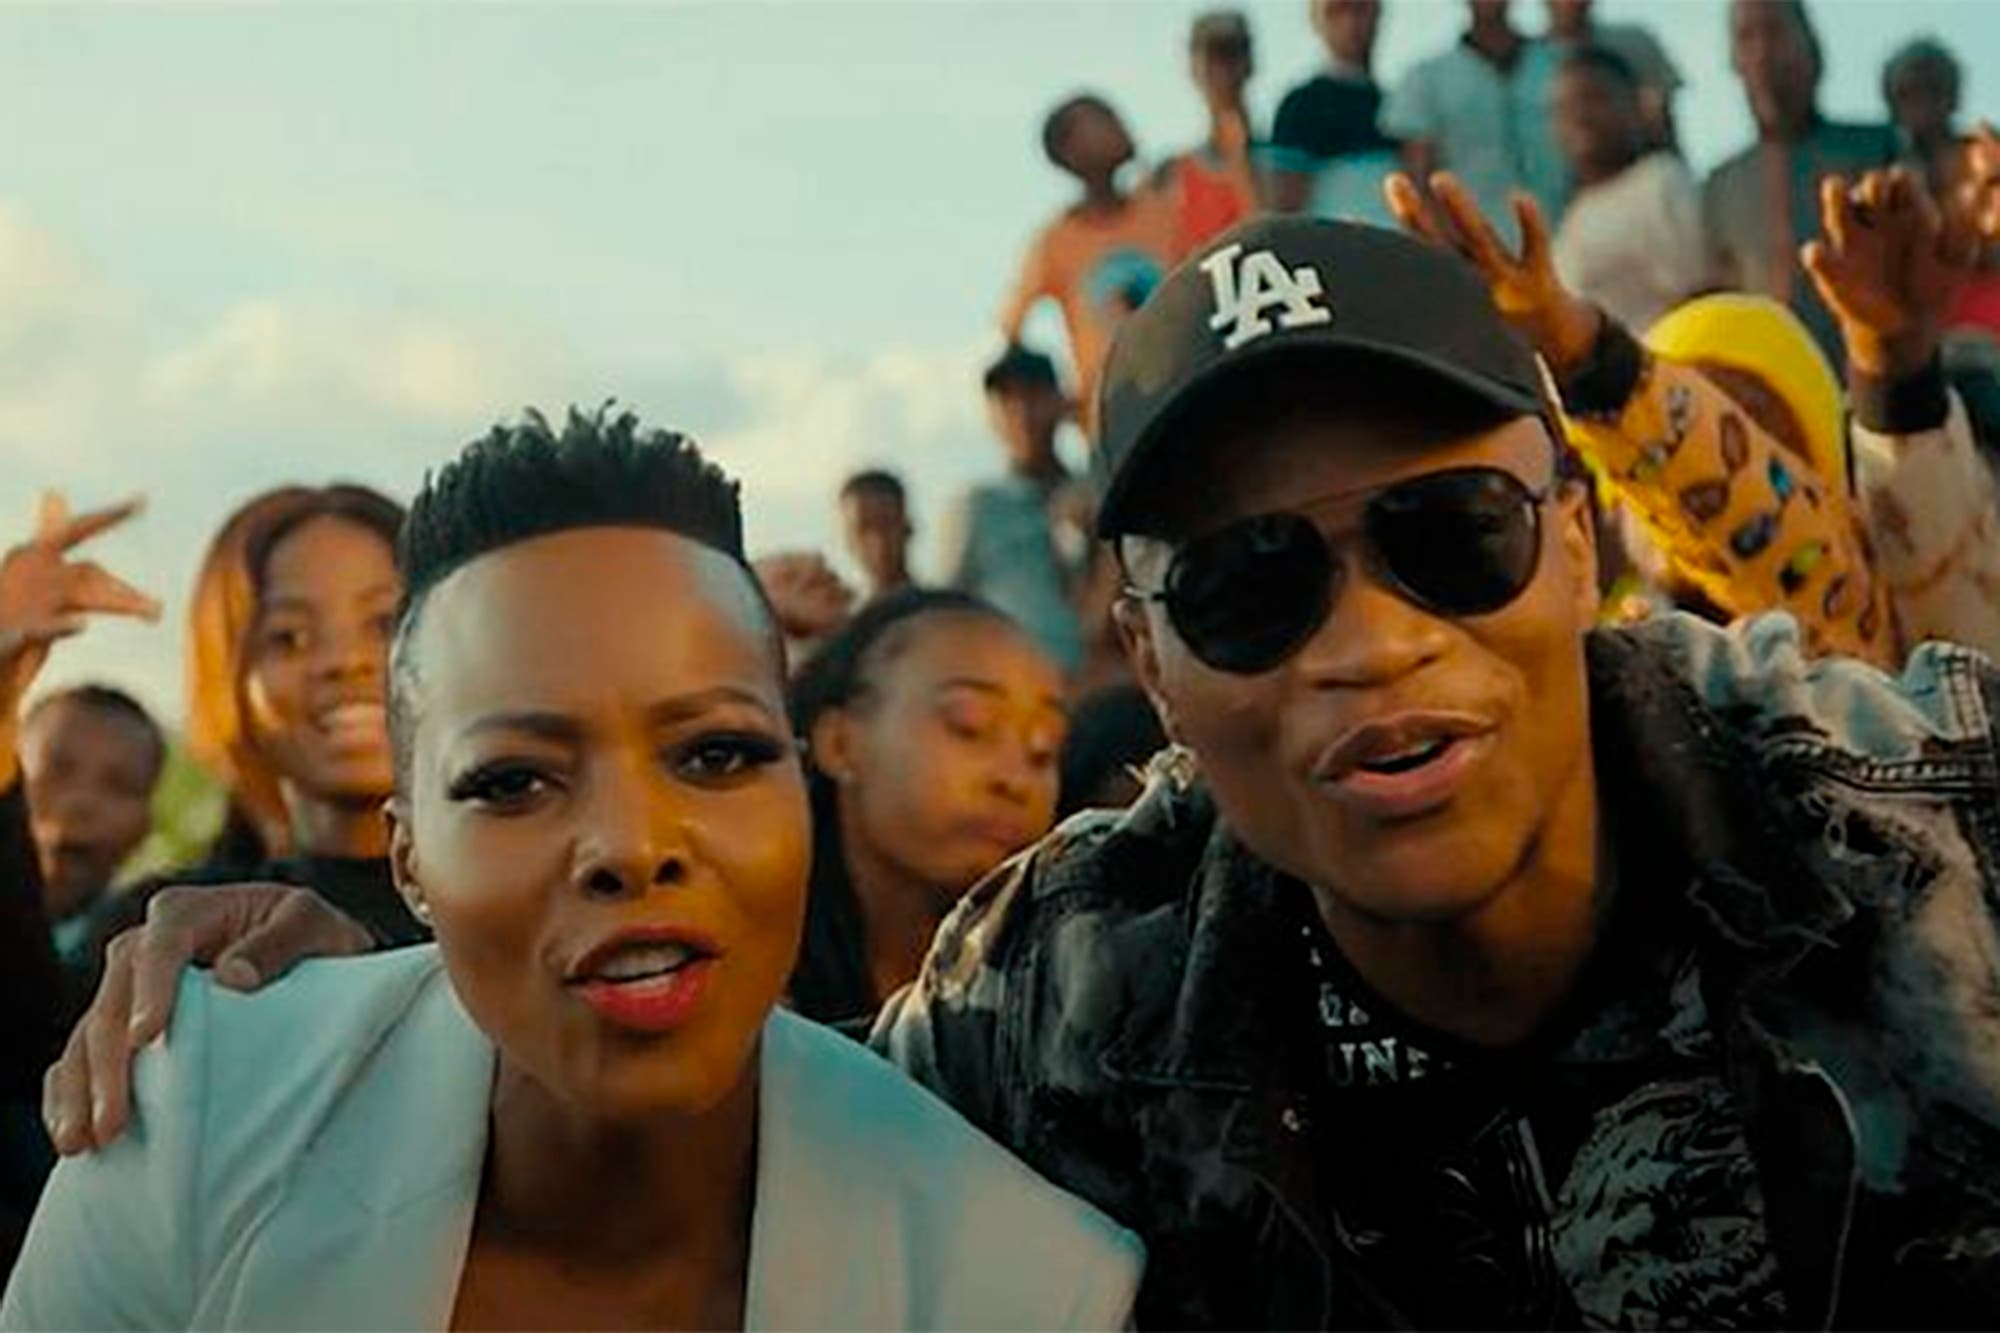 """Quiénes son los artistas detrás de """"Jerusalema"""", la esperanzadora canción sudafricana que suena en todo el mundo"""